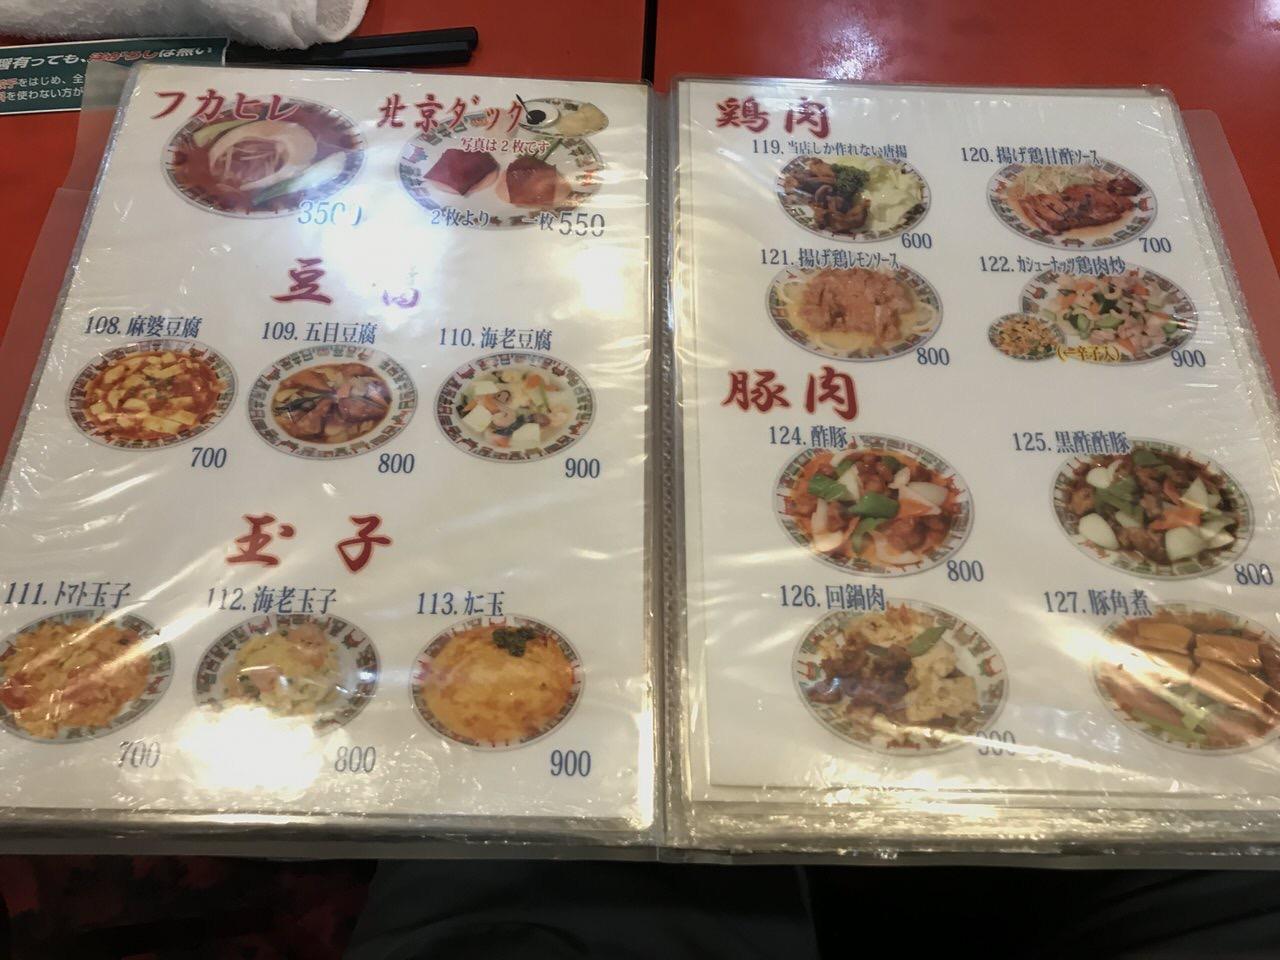 中華料理「中華街」吉祥寺 8